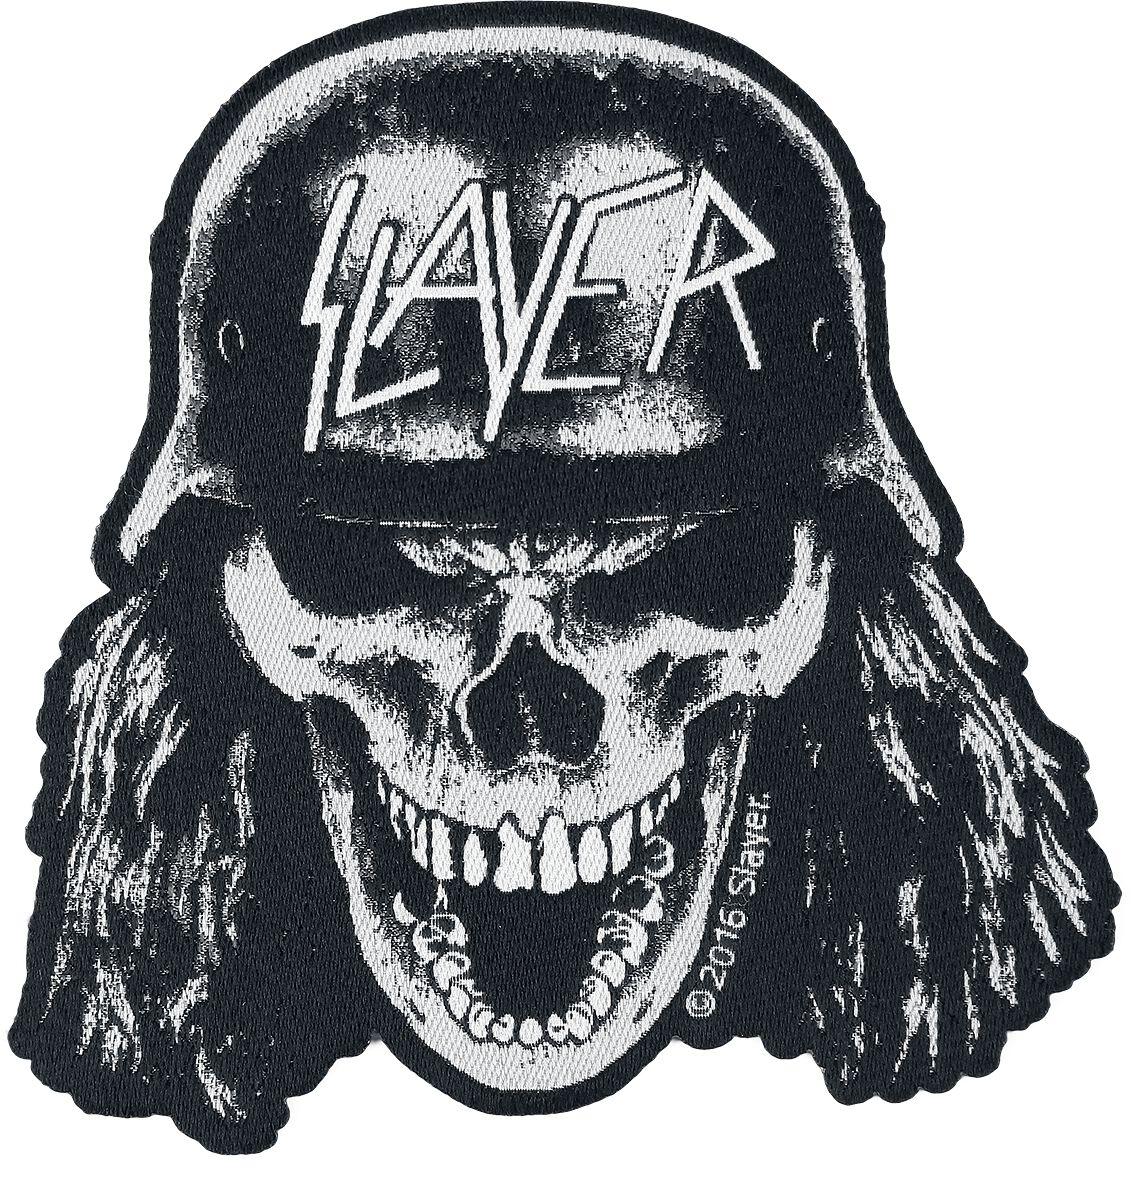 Slayer Wehrmacht Skull Patch schwarz/weiß